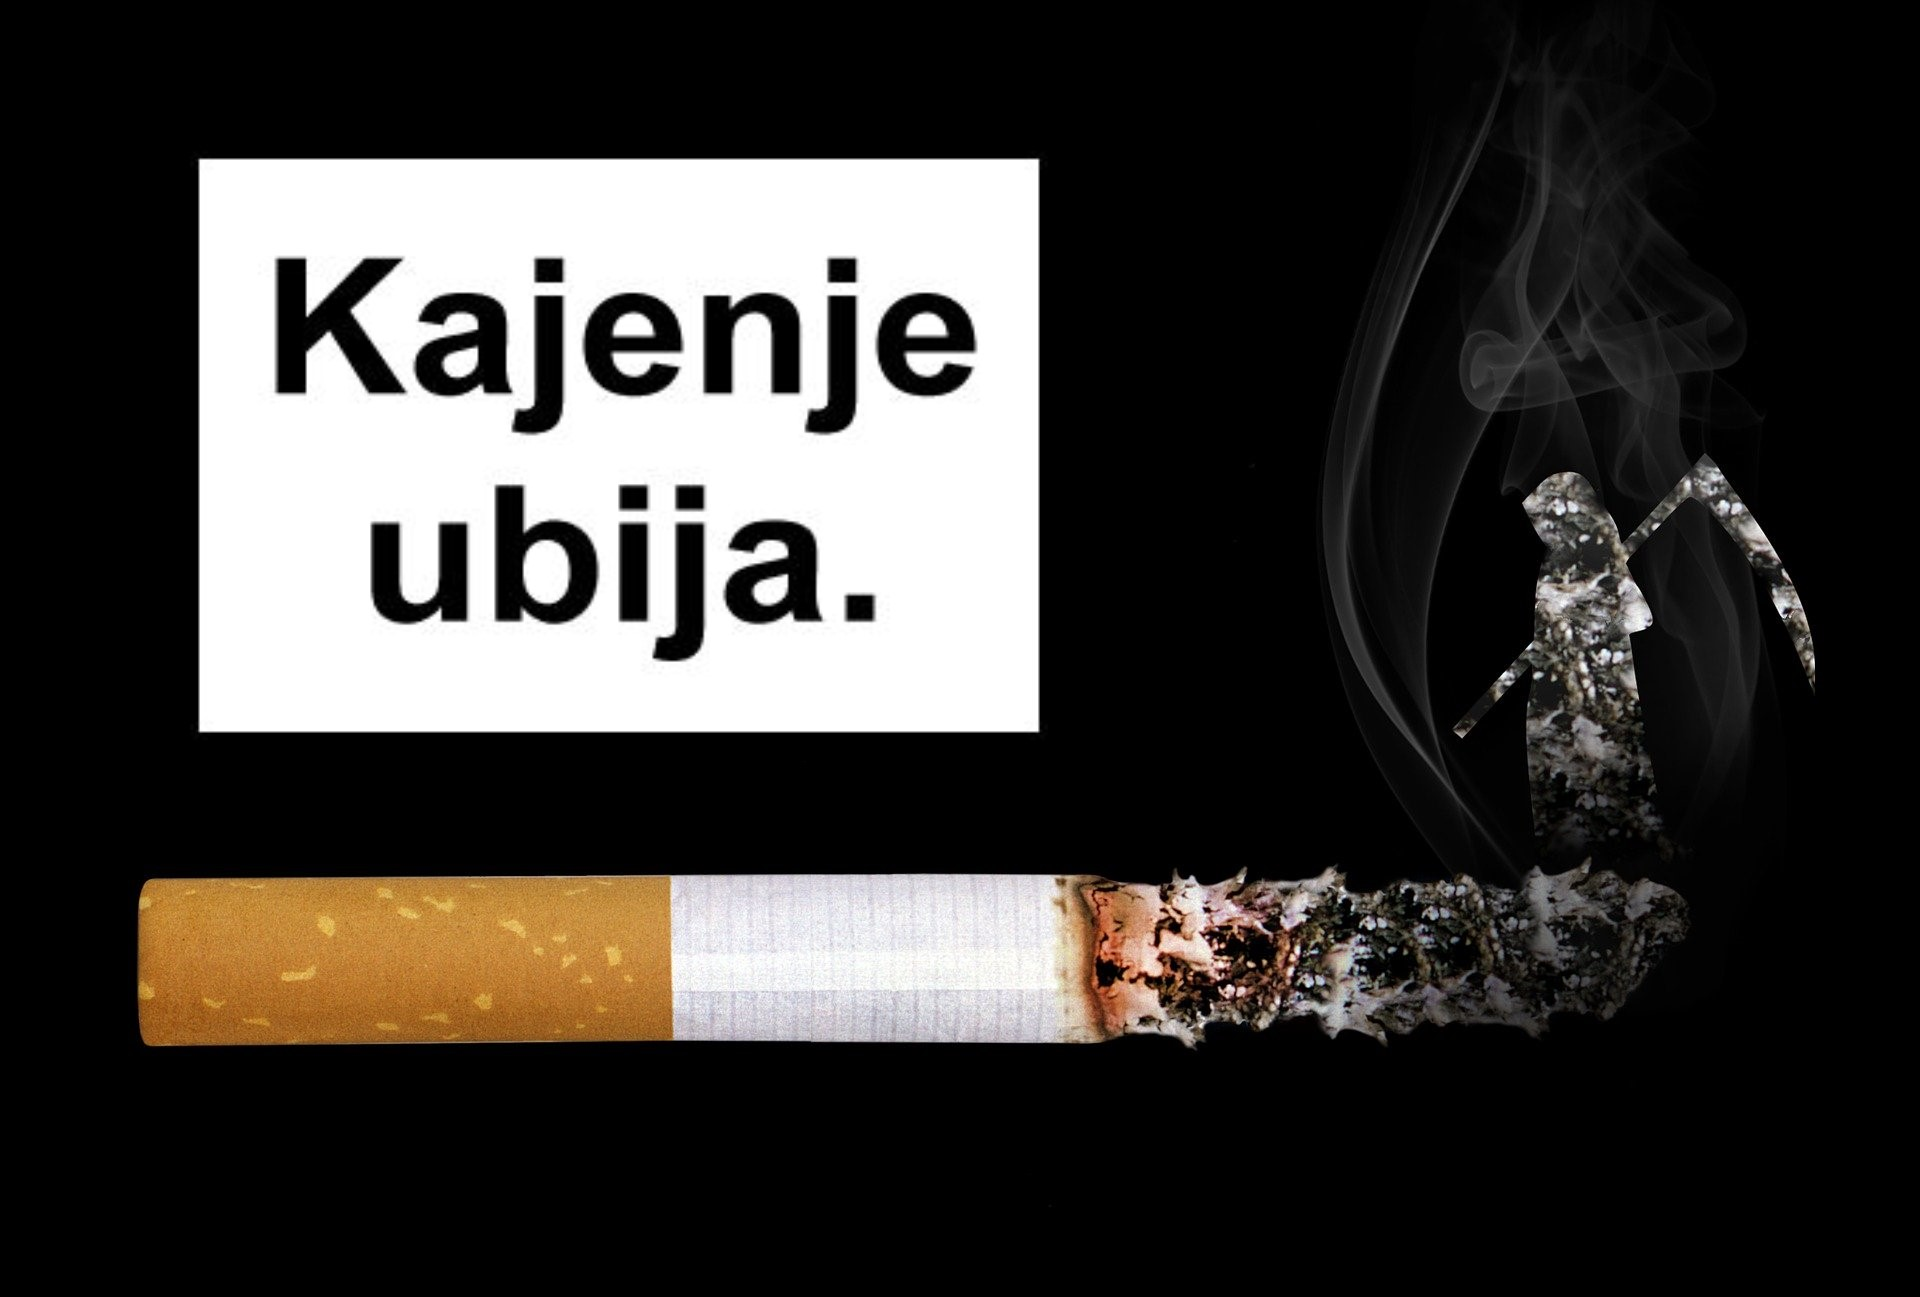 Zastrašujoča sporočila, odvratne slike, a željenega učinka ni. Bo poskus enotne embalaže cigaret kaj spremenil?